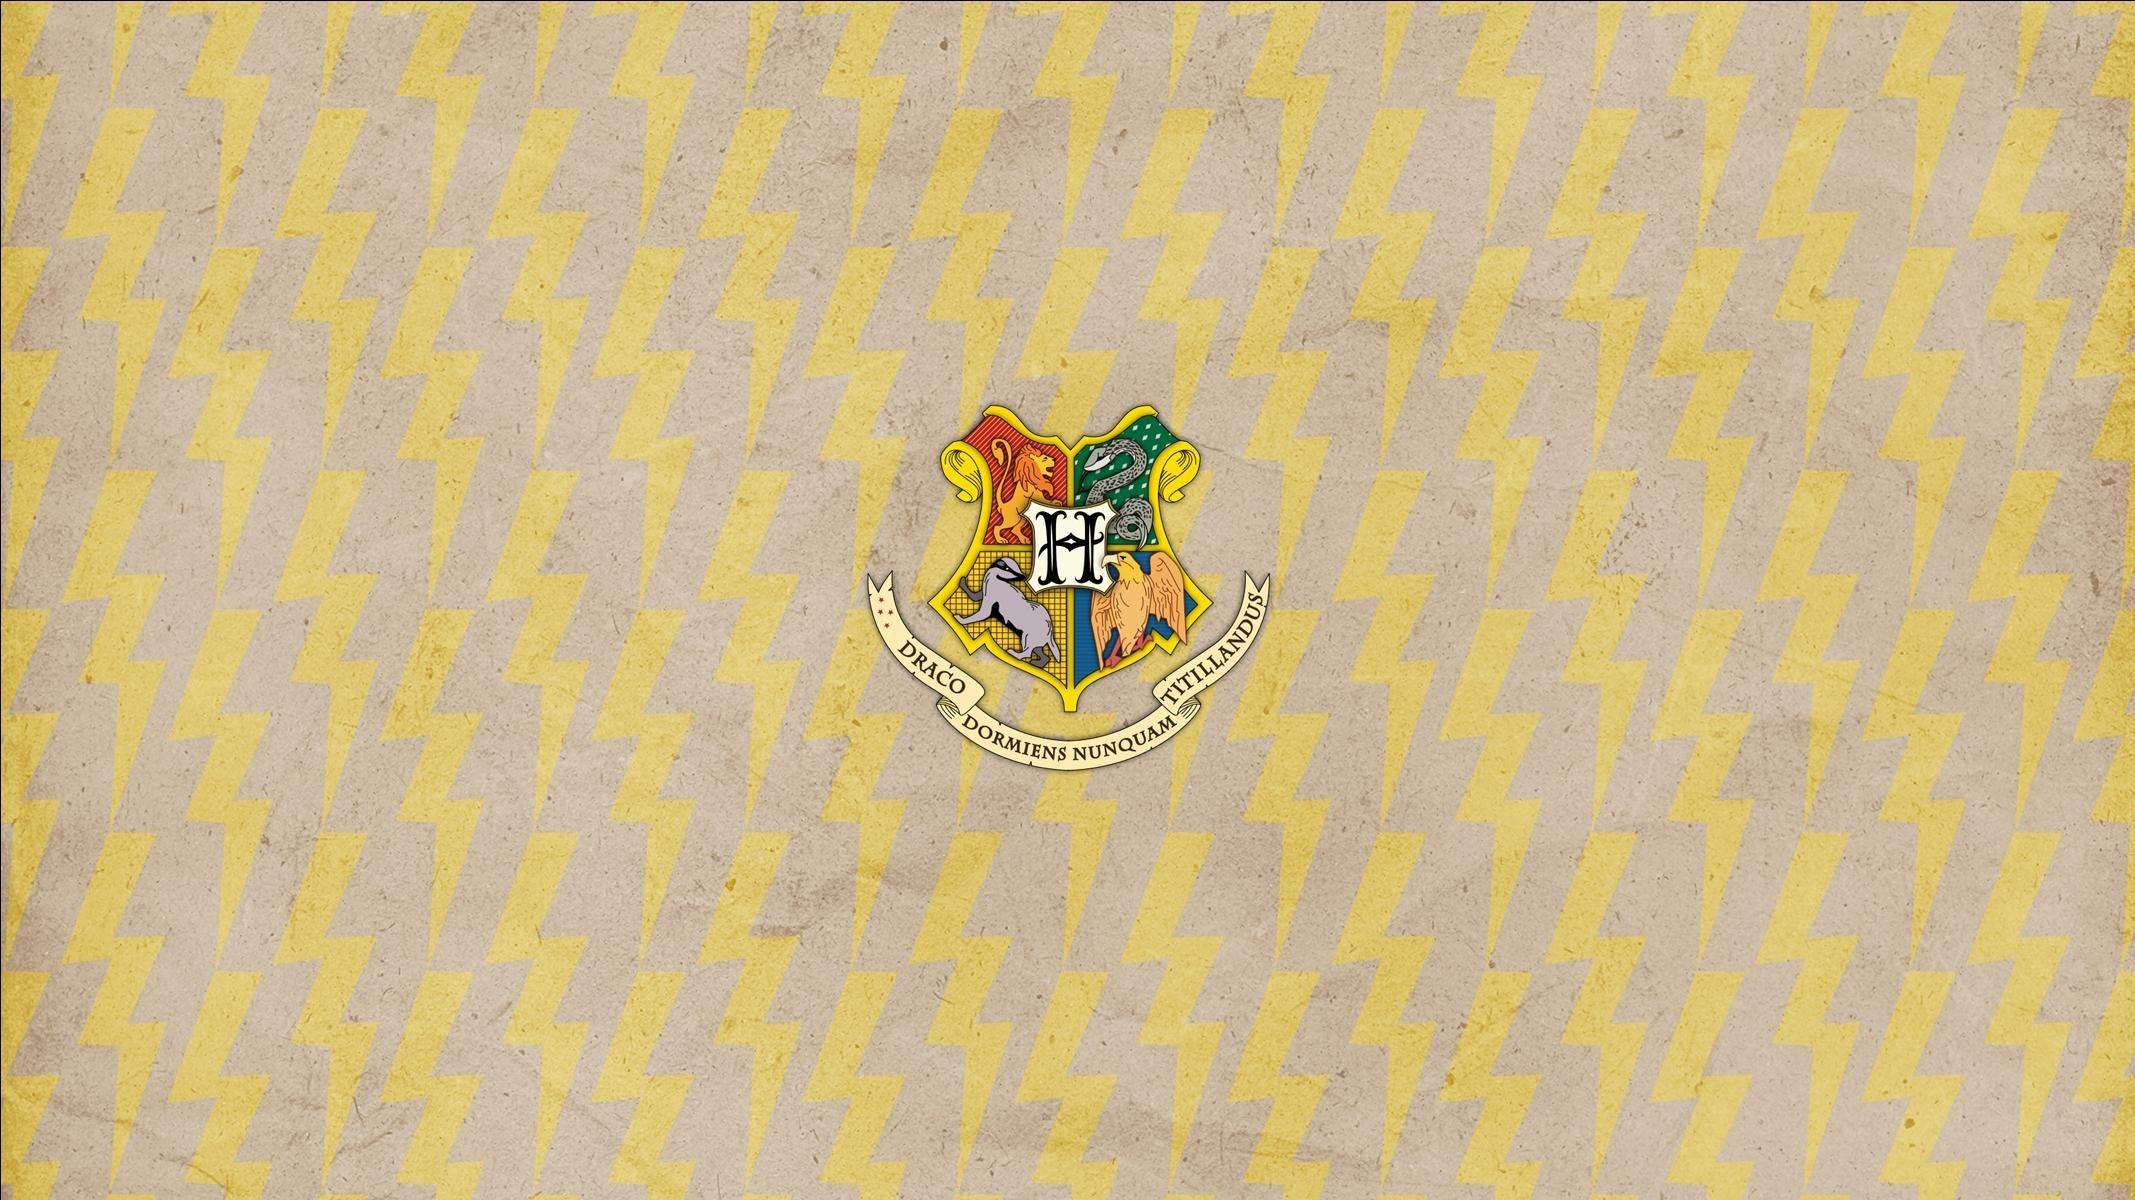 Res: 2135x1200, Hogwarts Crest on lightning bolts widescreen desktop wallpaper Widescreen  Wallpaper made by Deanna